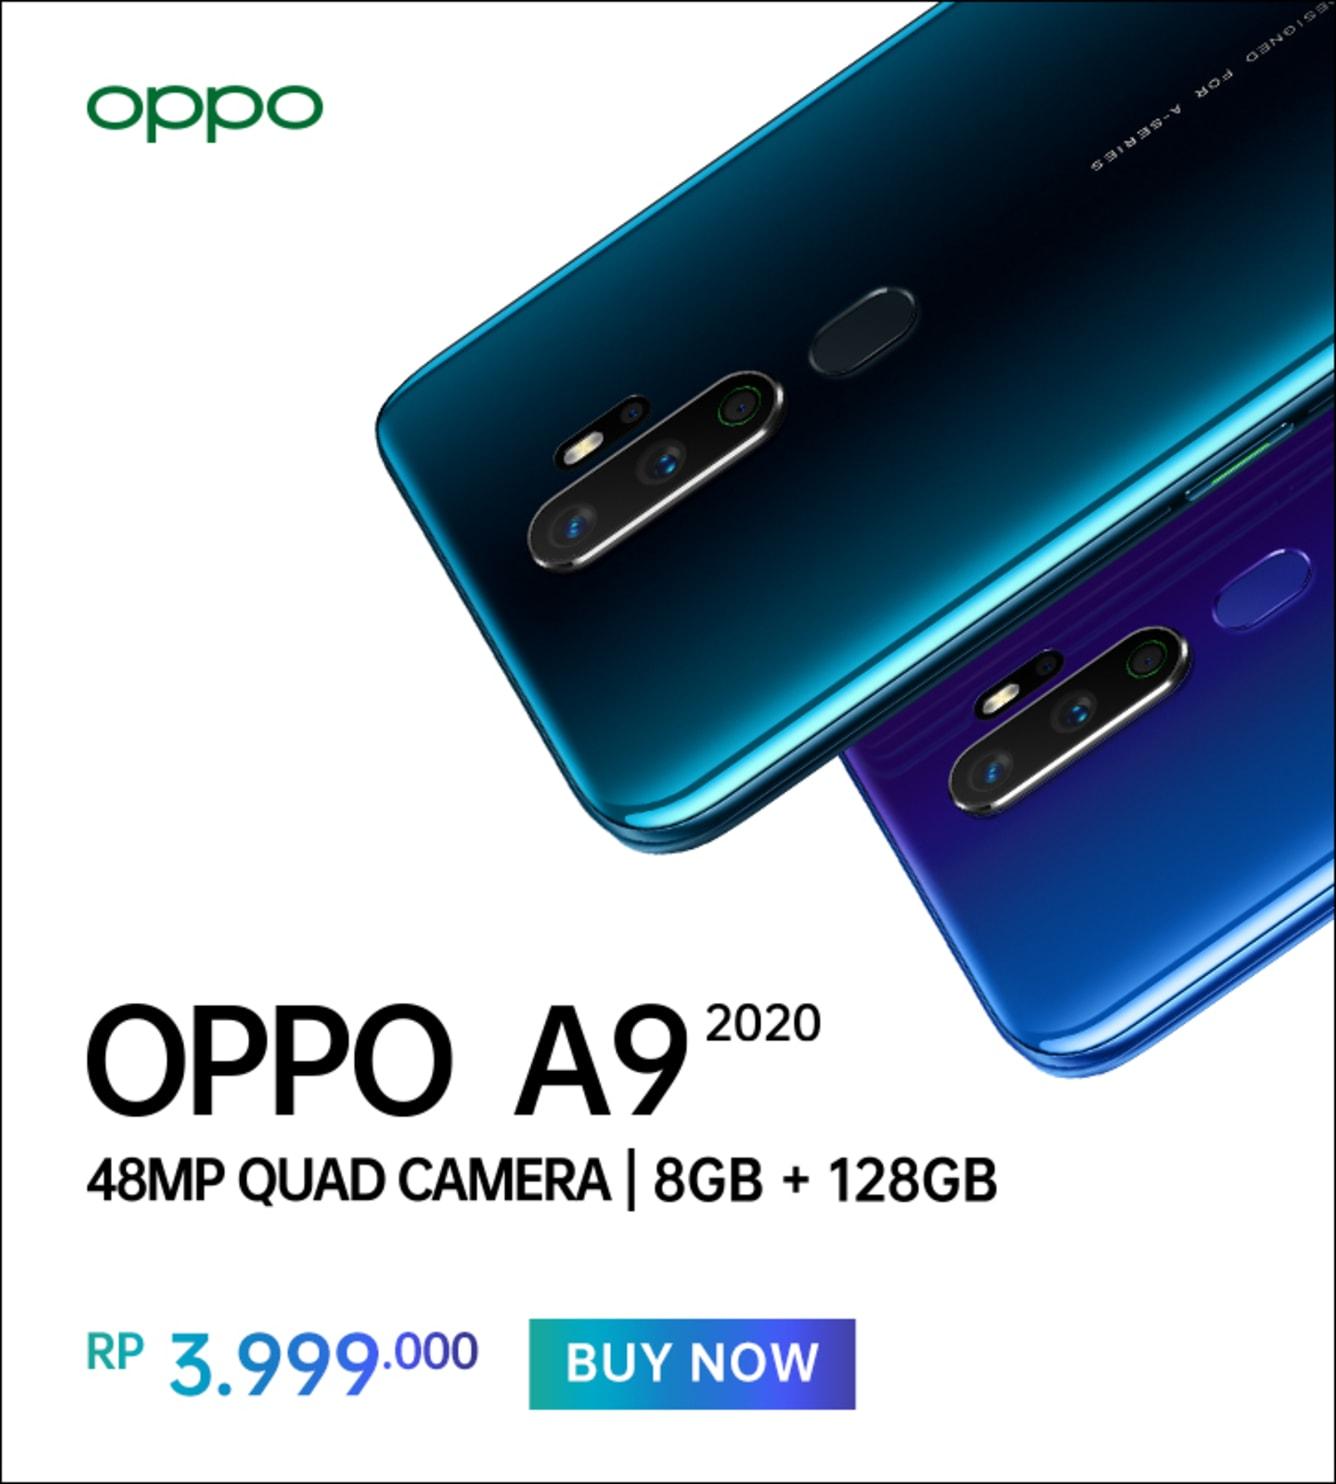 Week 38 - Promo OPPO A9